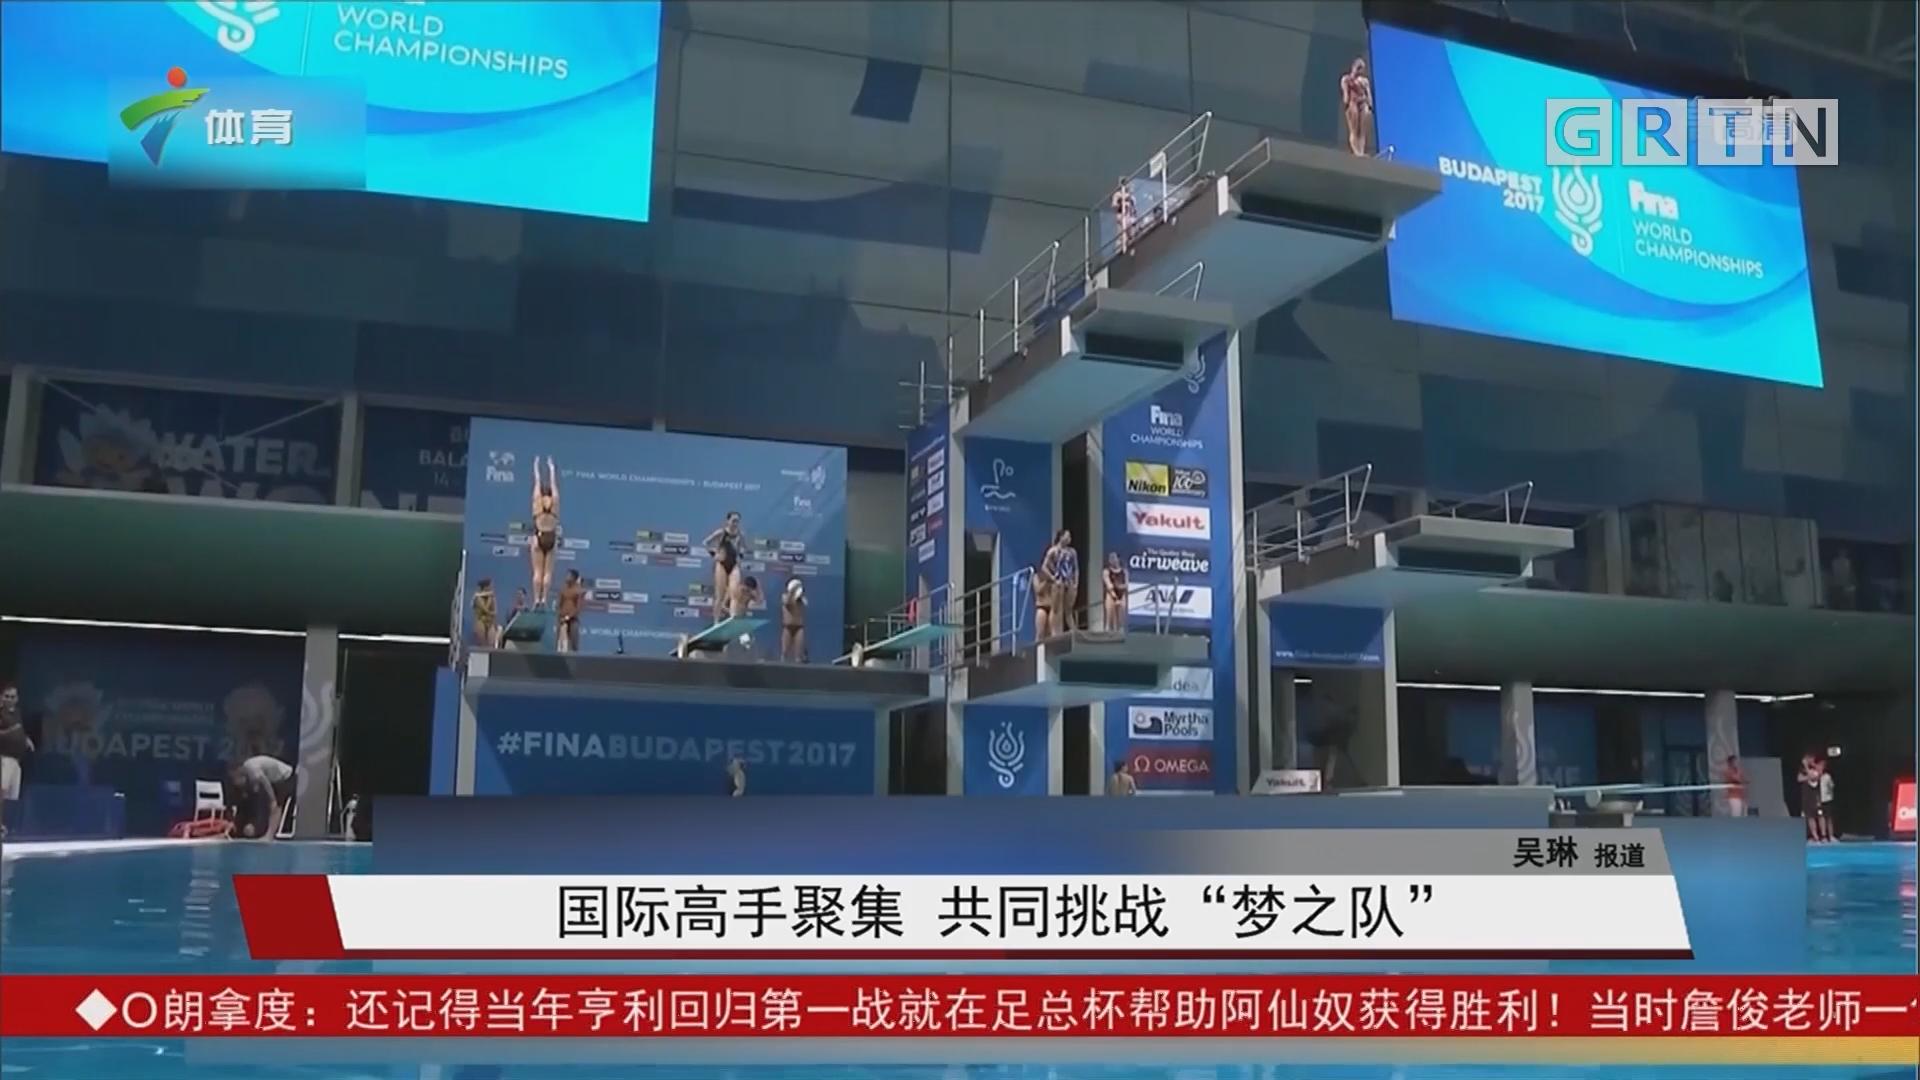 """国际高手聚集 共同挑战""""梦之队"""""""